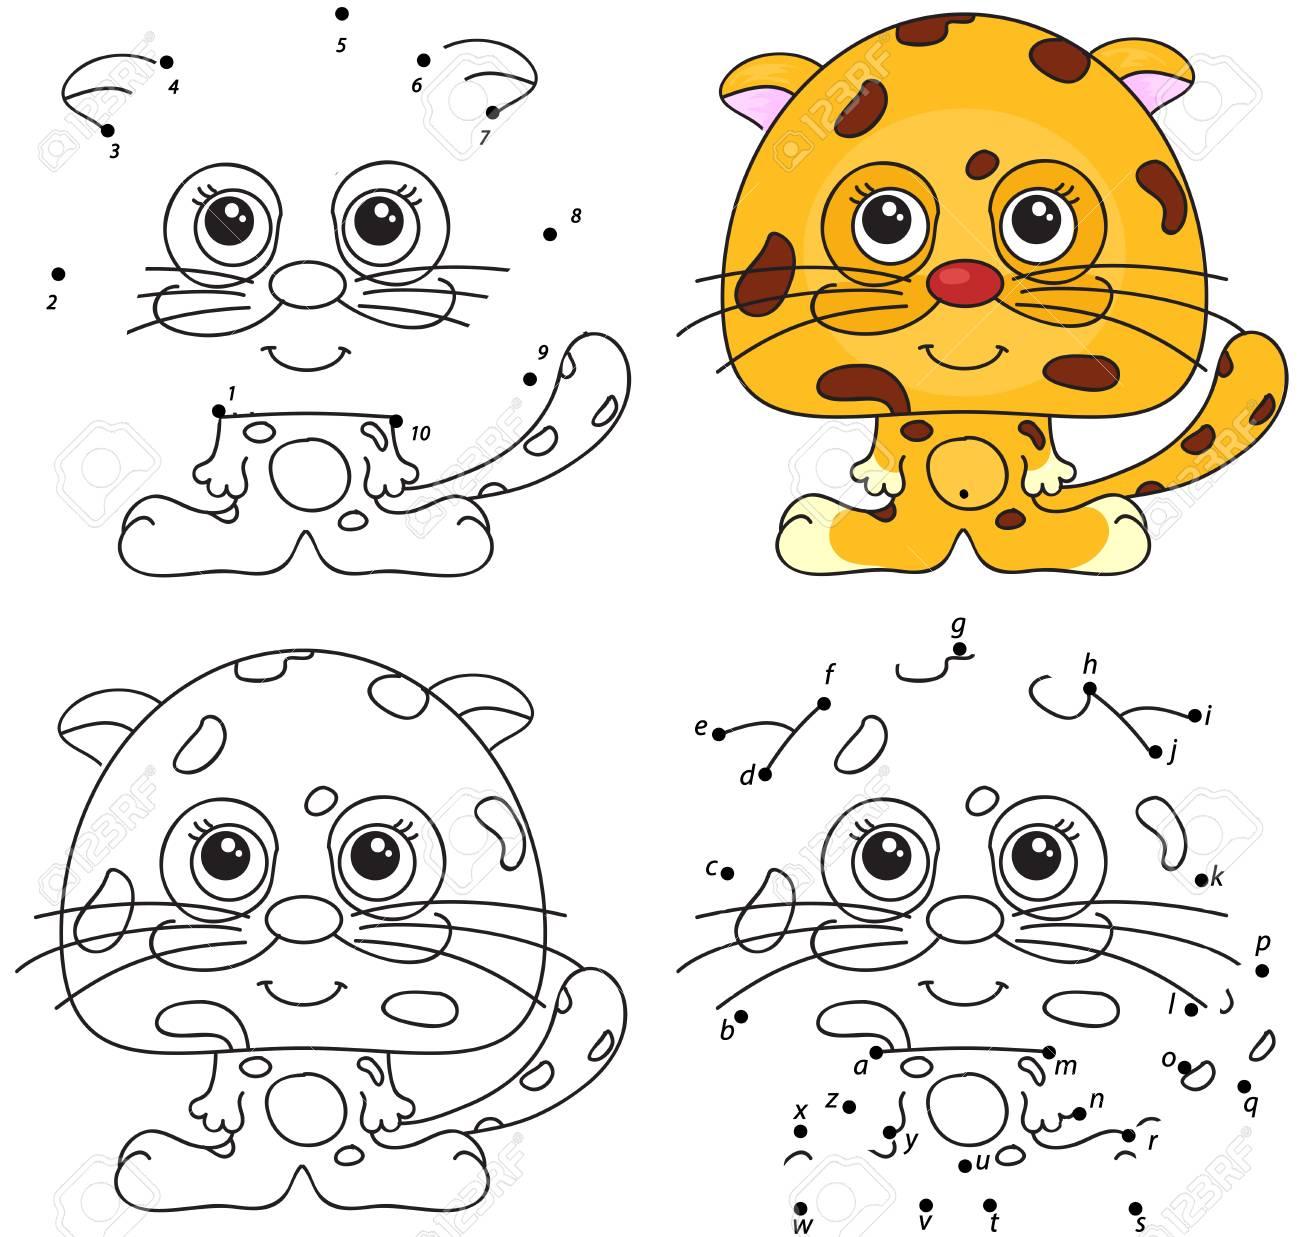 Jaguar De Dibujos Animados Libro Para Colorear Y Punto A Punto Juego Educativo Para Niños